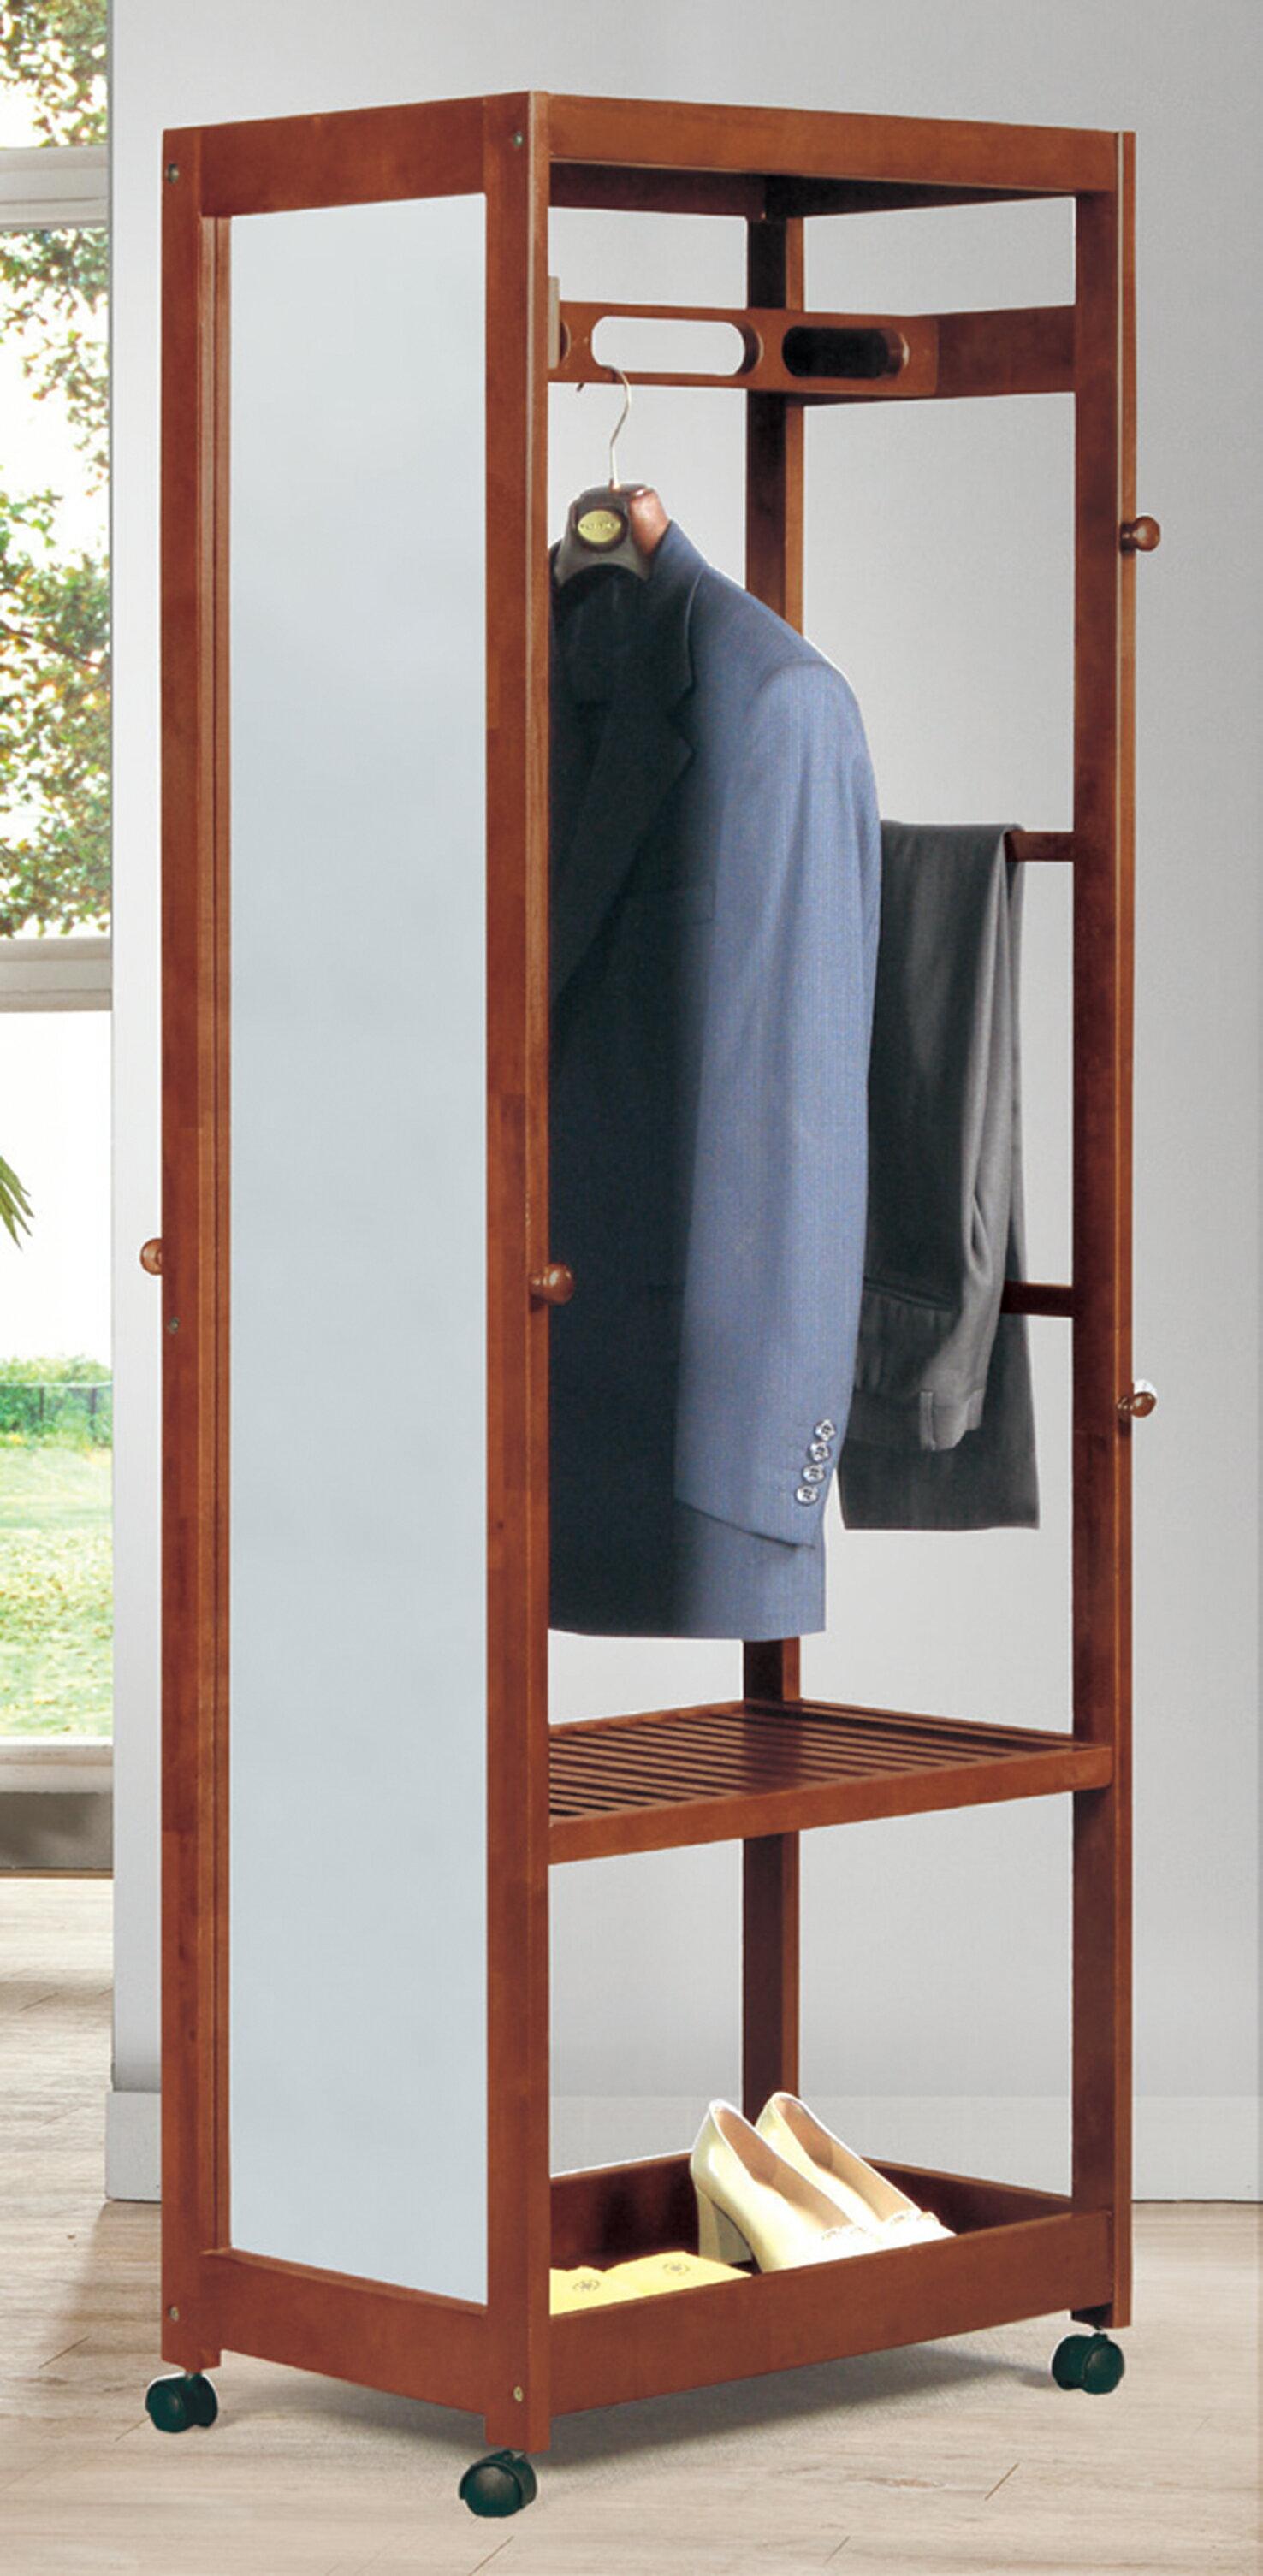 【 IS空間美學 】歐米茄衣掛鏡